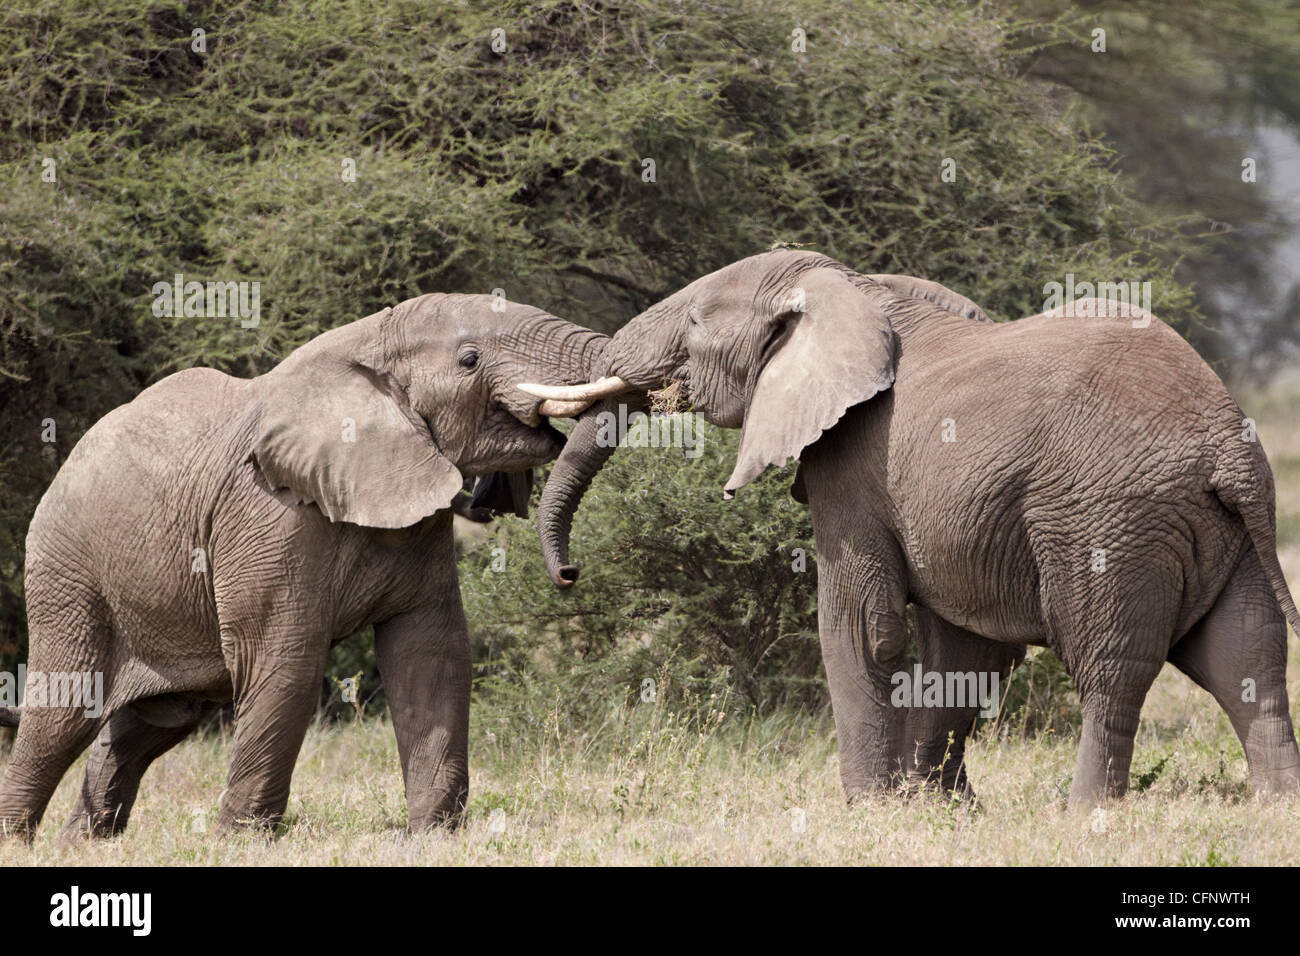 Dos elefante africano (Loxodonta africana), sparring, Parque Nacional del Serengeti, Tanzania, África oriental, Imagen De Stock